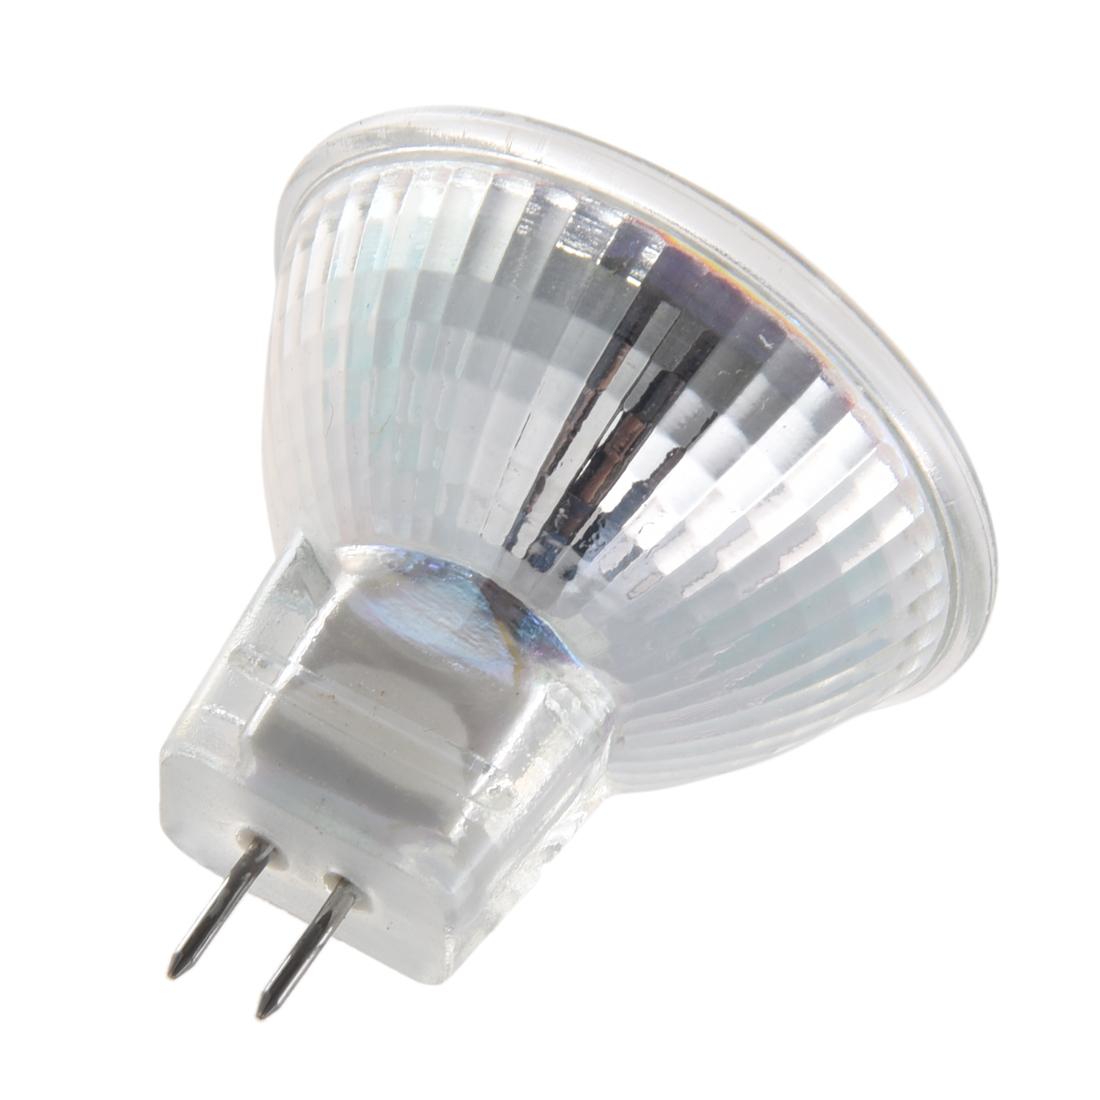 10pcs mr11 gu4 warm white 3528 smd 24 led home spotlight light lamp bulb 12v sp ebay. Black Bedroom Furniture Sets. Home Design Ideas